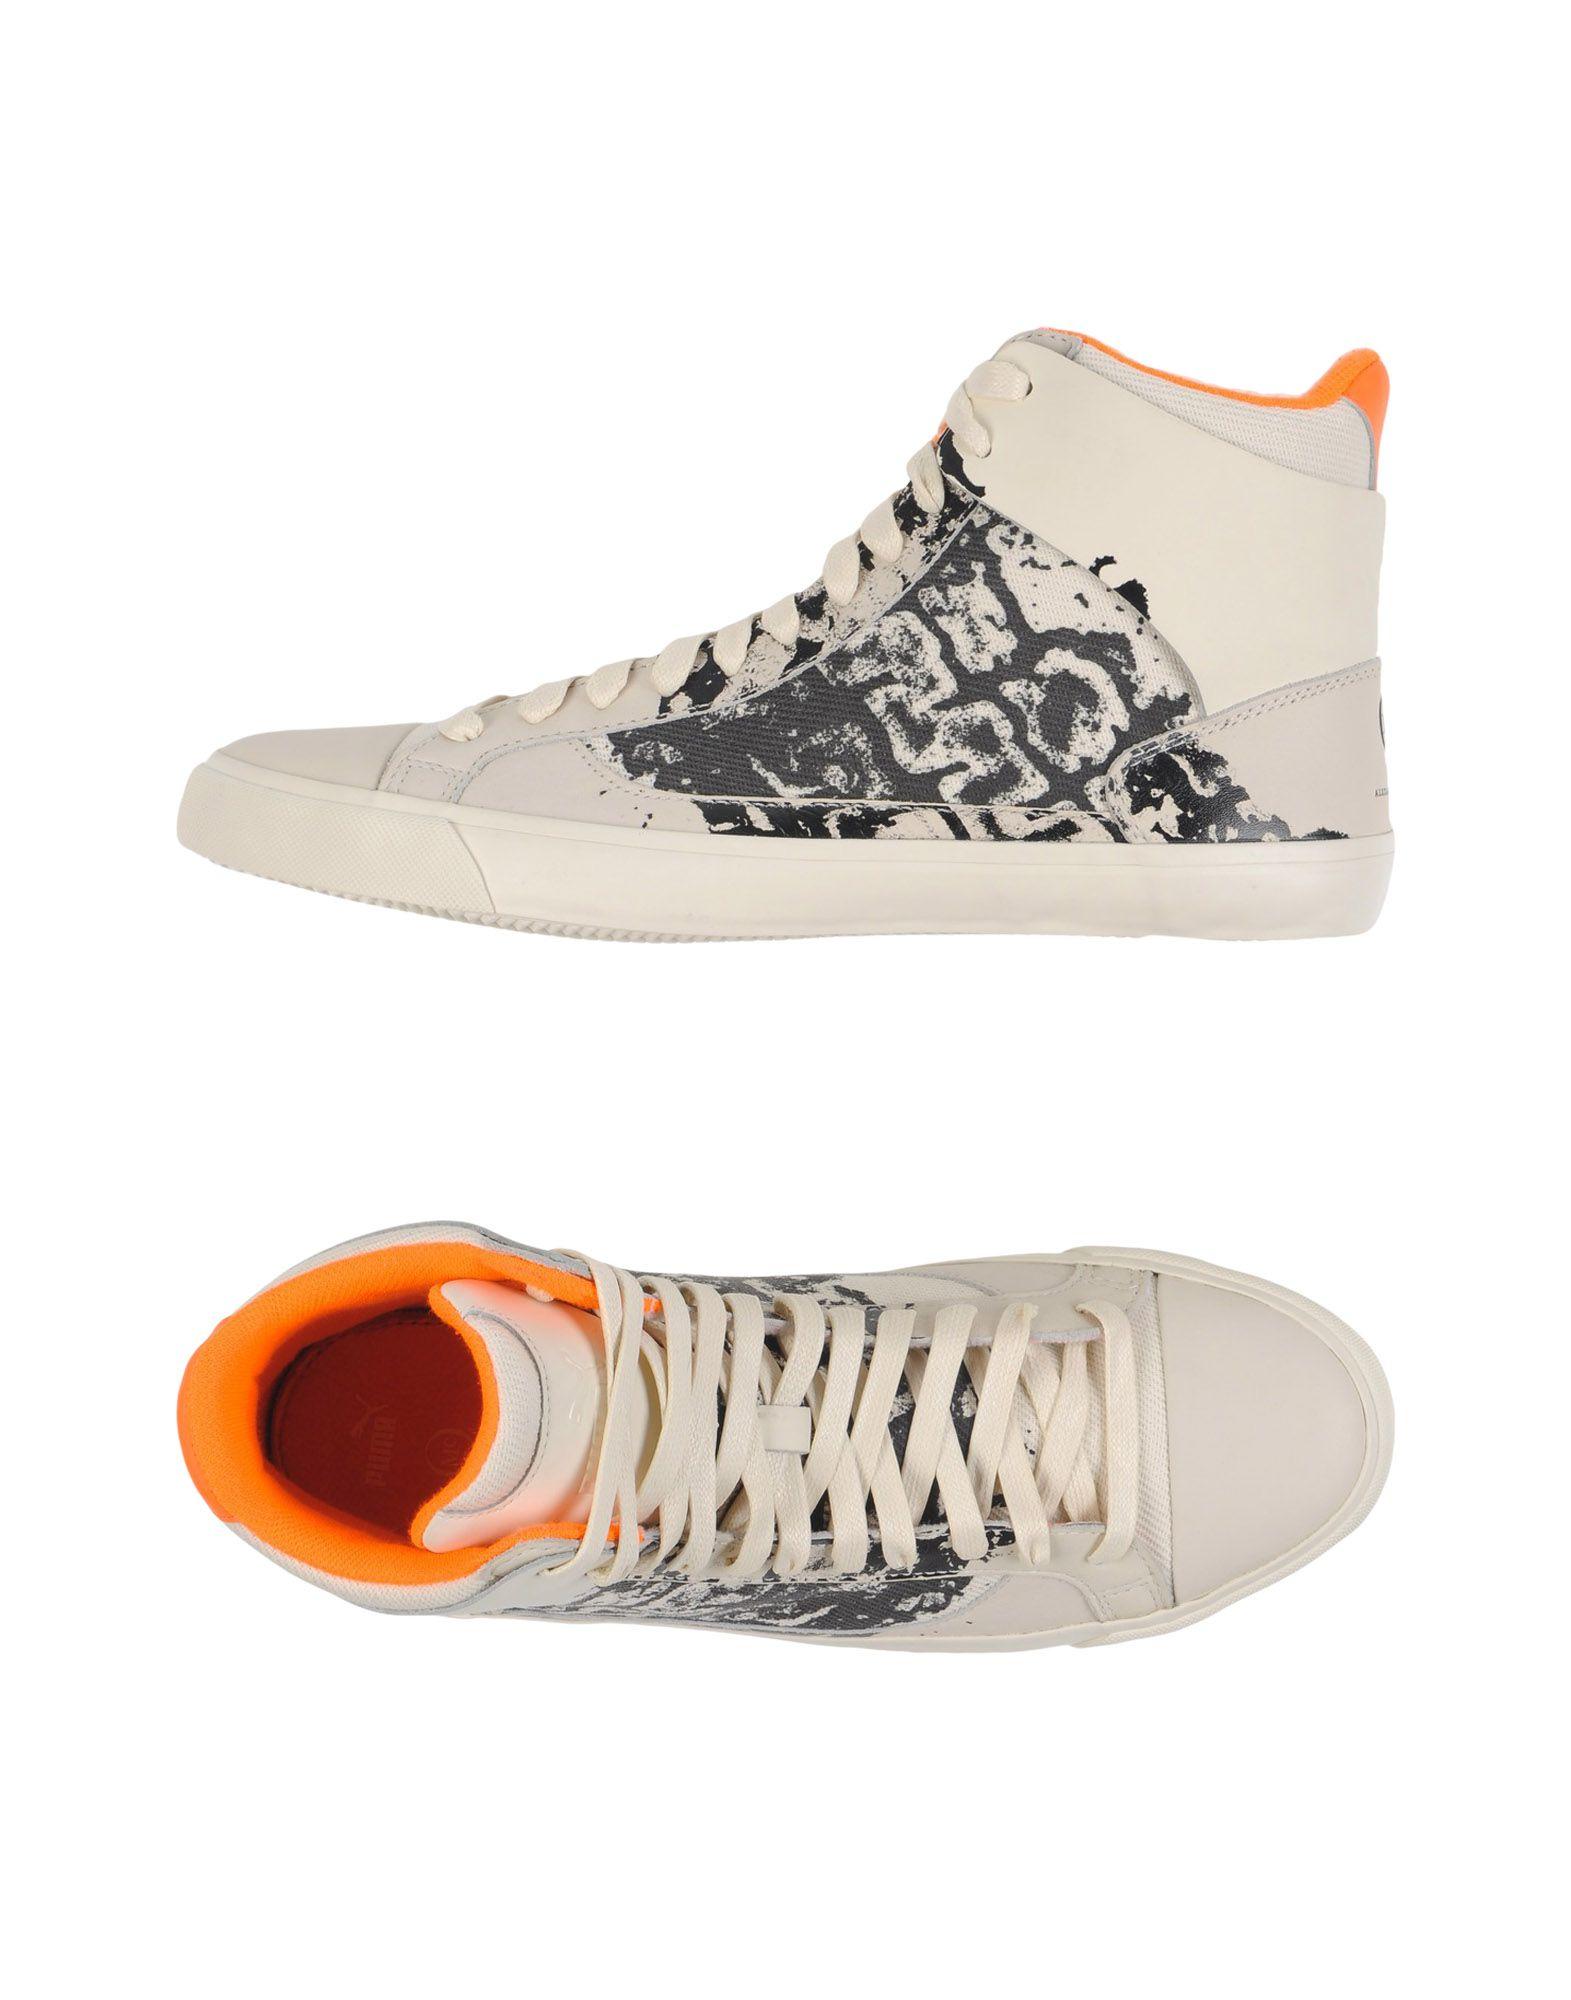 Sneakers Alexander Mcqueen Puma Femme - Sneakers Alexander Mcqueen Puma sur